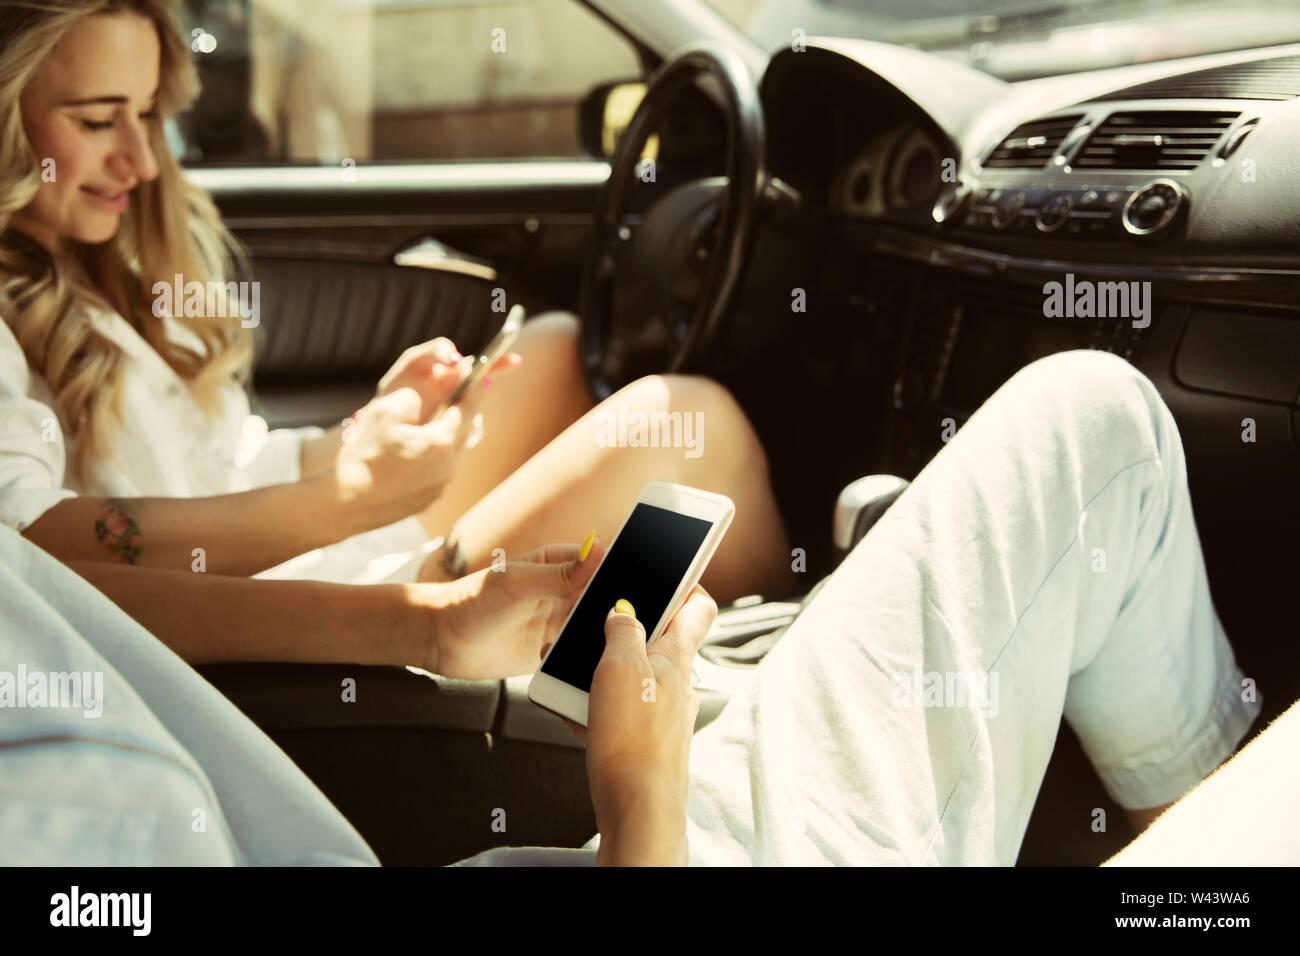 Couple de lesbiennes jeunes préparation de voyage de vacances sur la voiture en journée ensoleillée. Les femmes assises et prêt pour aller à la mer, rivière ou océan. Concept de relation, l'amour, l'été, week-end, lune de miel. Banque D'Images